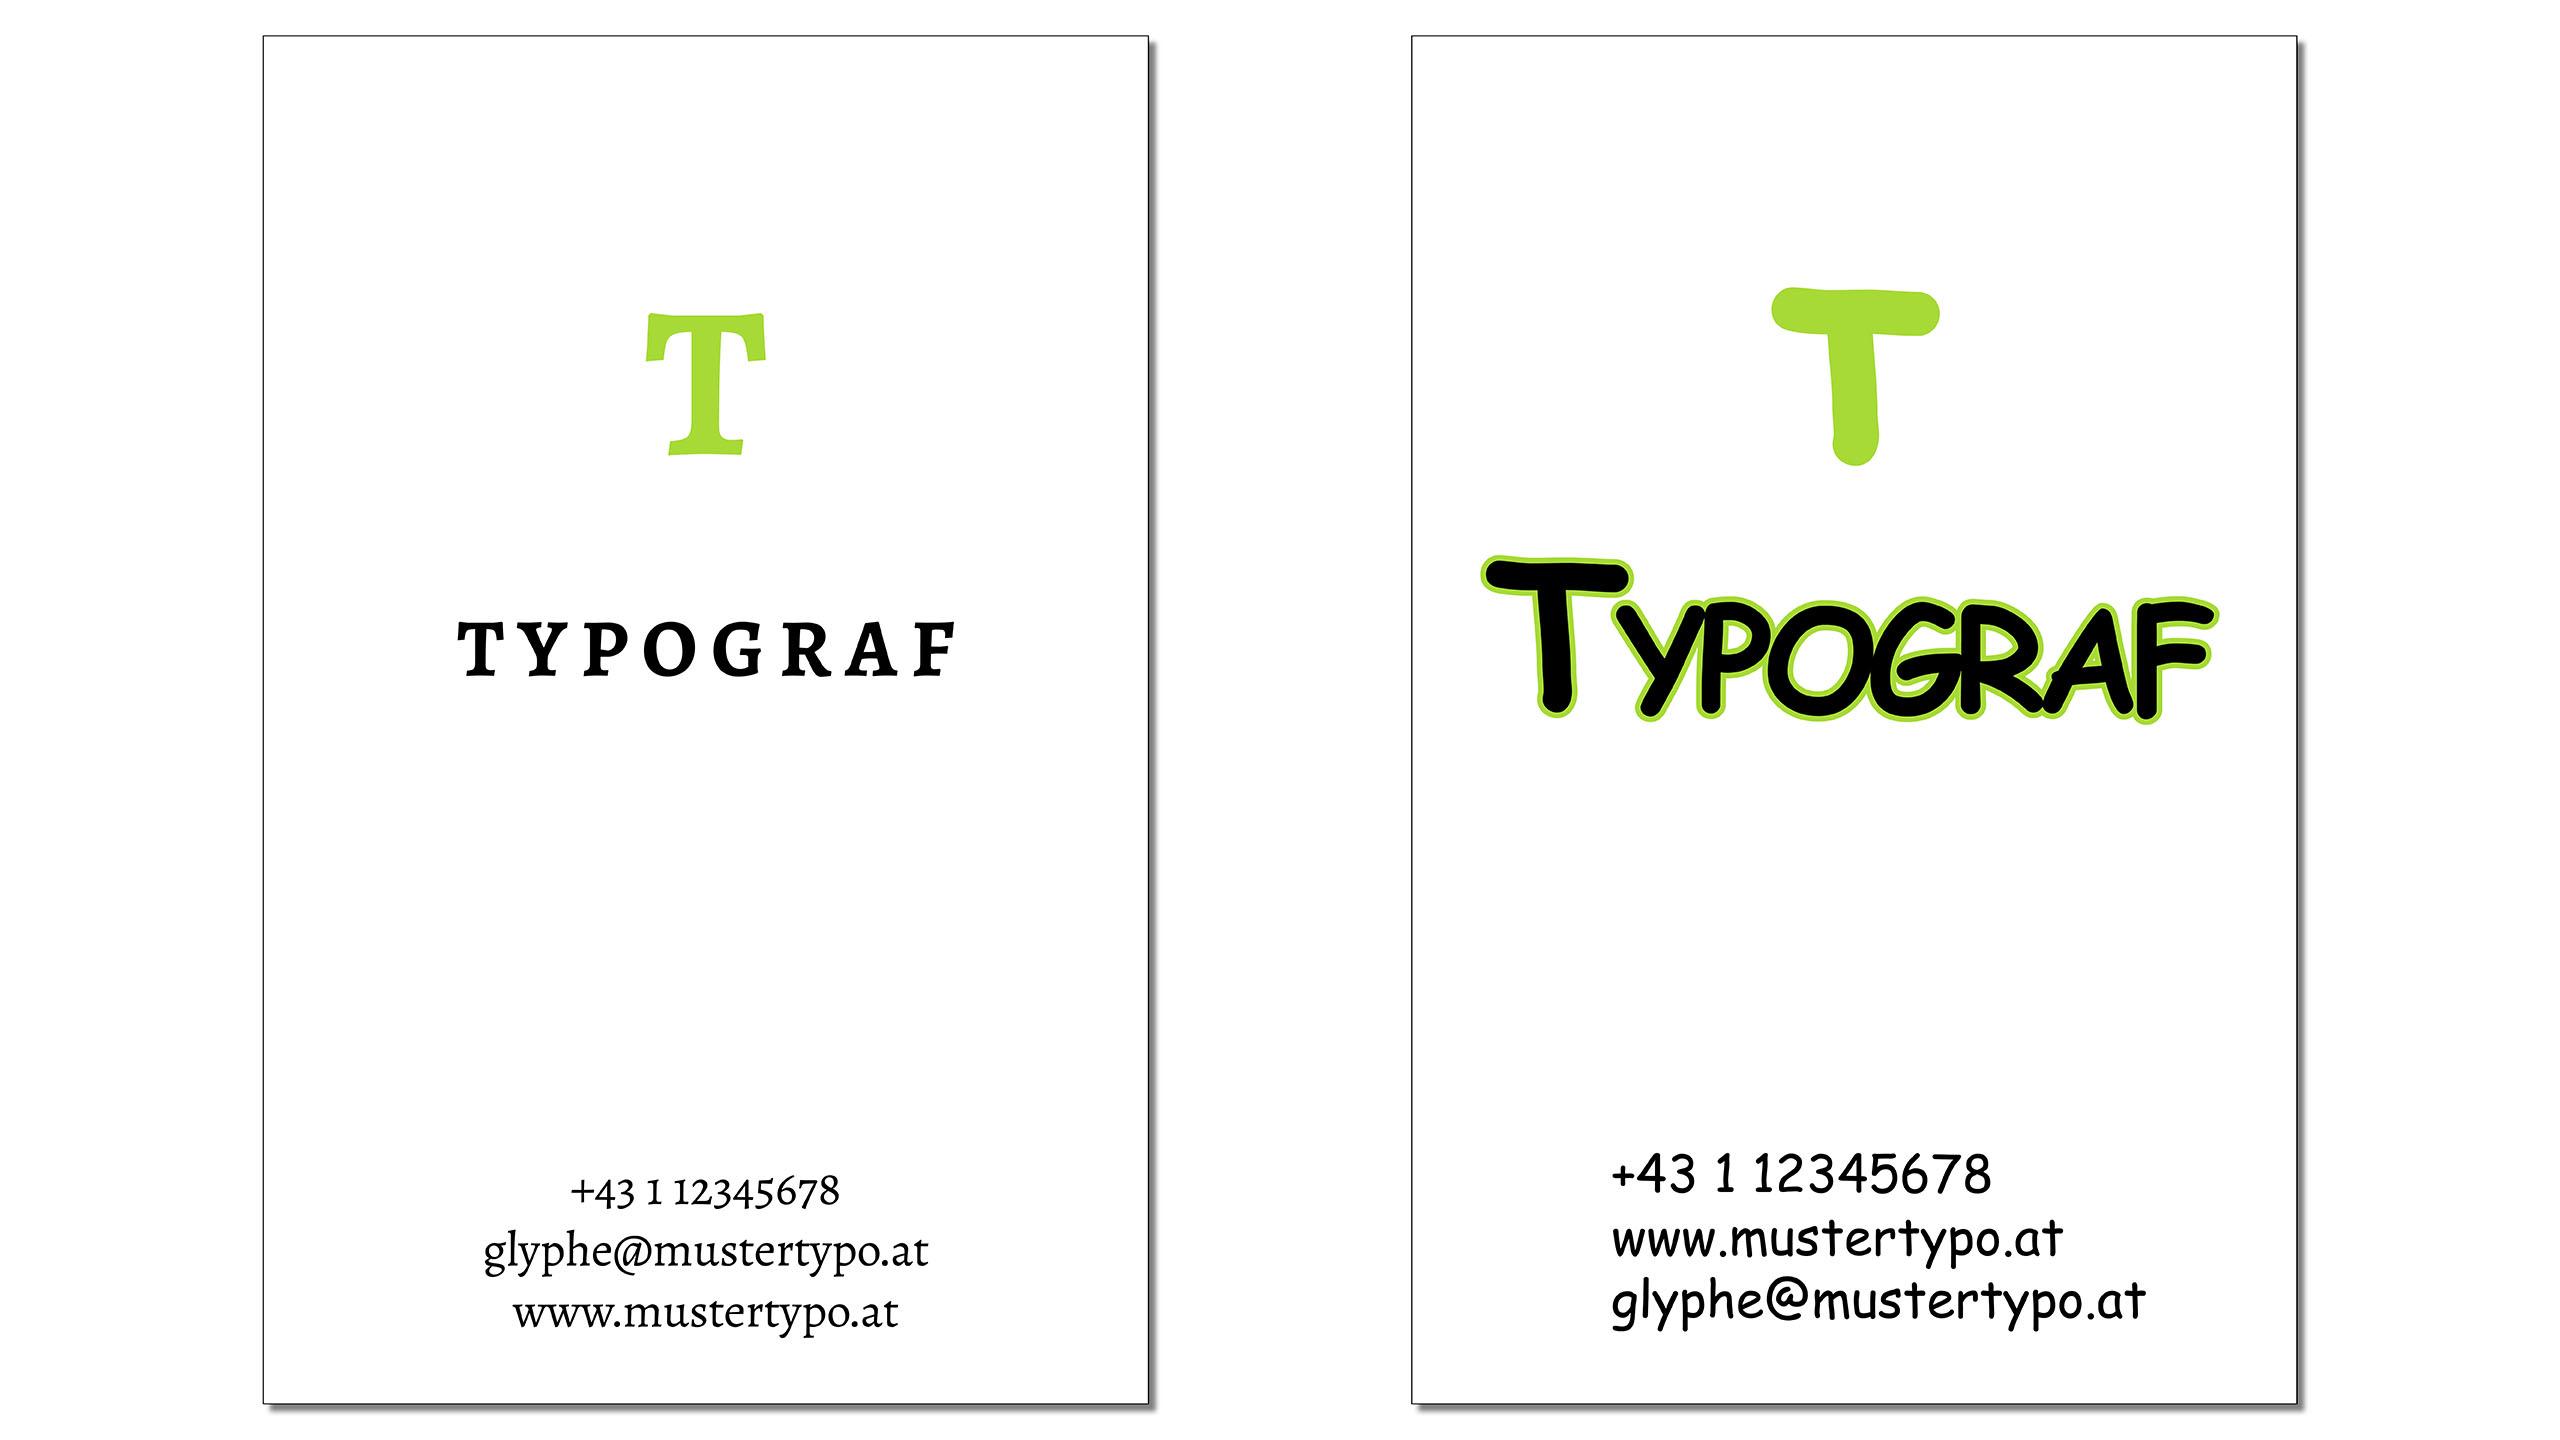 Vergleich zweier Visitenkarten in unterschiedlichen Schriften